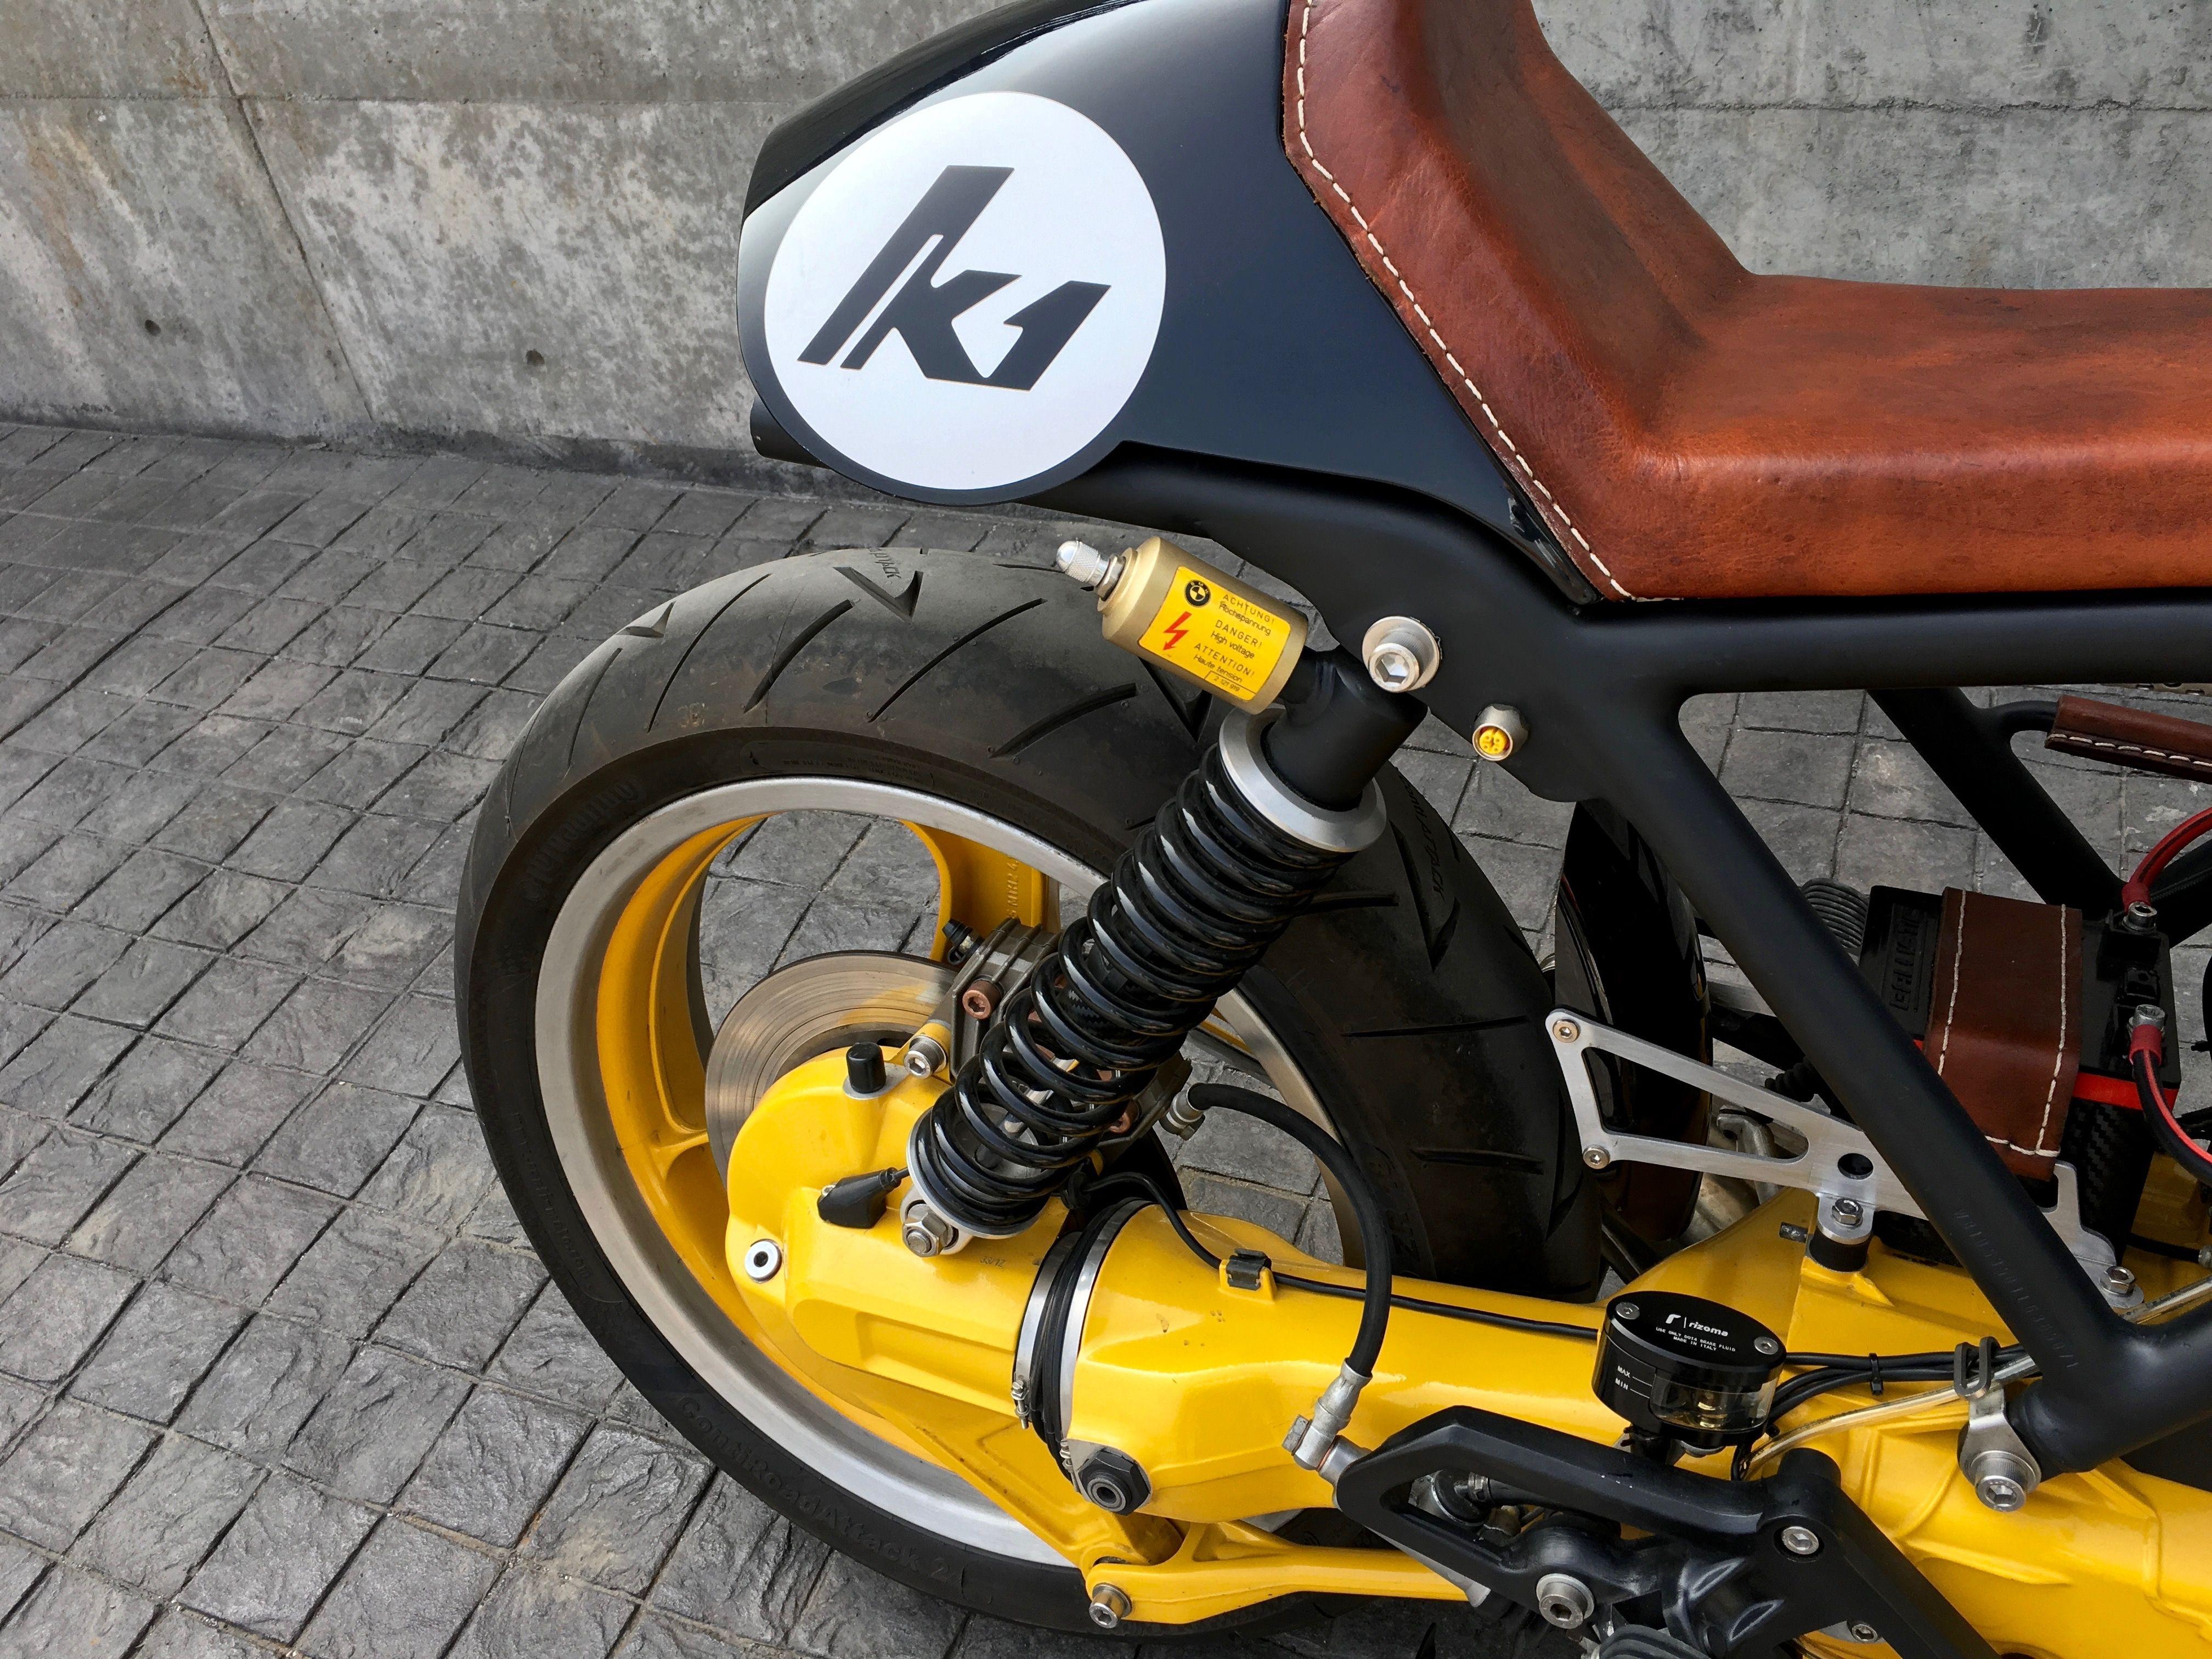 bmw k1 cafe racer, modified original rear suspension | bmw k1 cafe